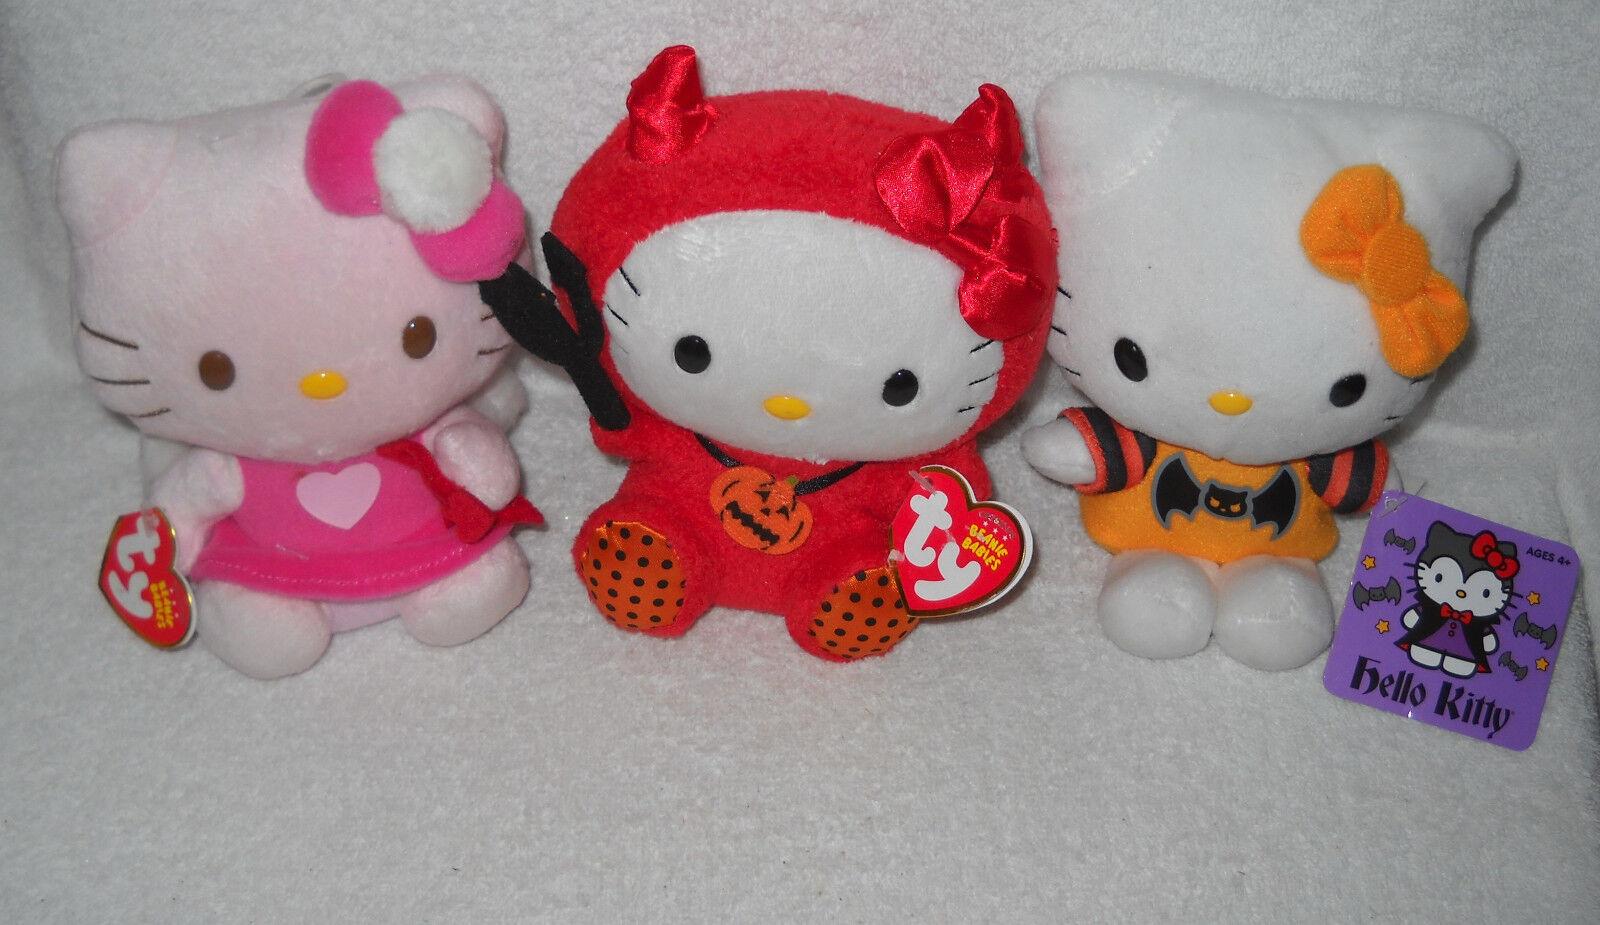 7304 28 gemeinden 2 ty & 1 jakks pazifik valentine & halloween hello kitty plüsch